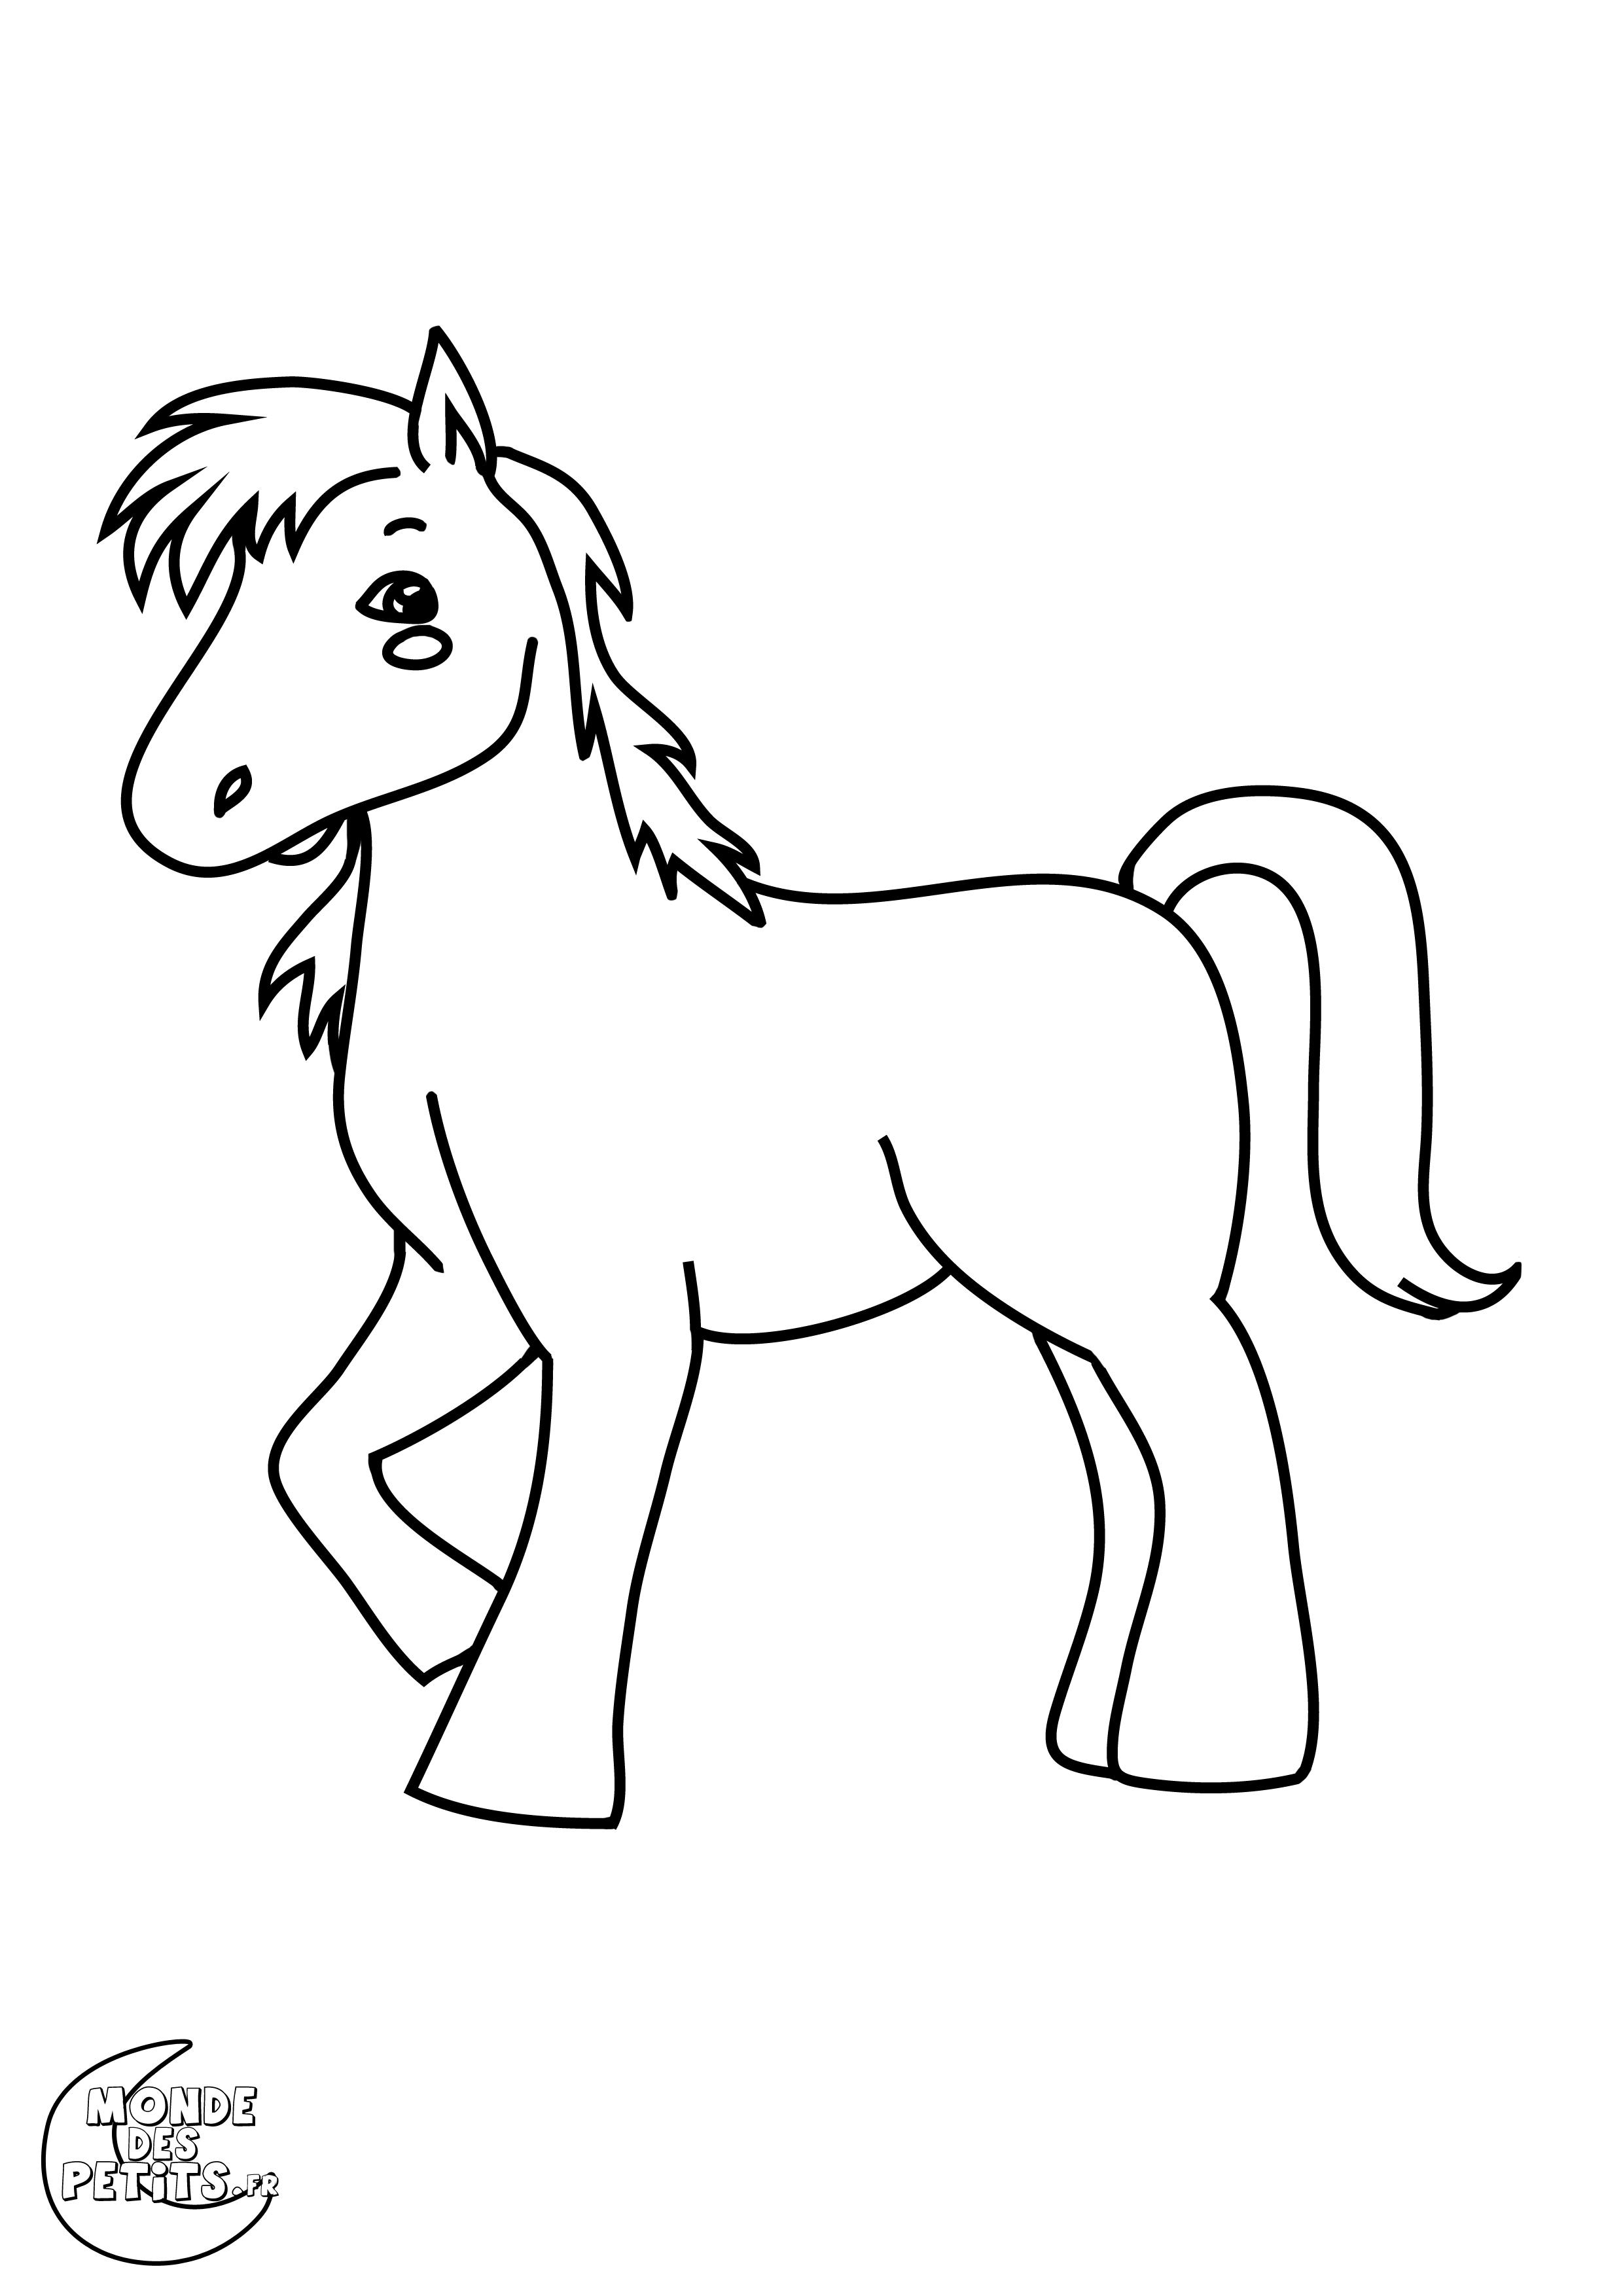 Monde des petits coloriages imprimer - Dessin a colorier cheval ...